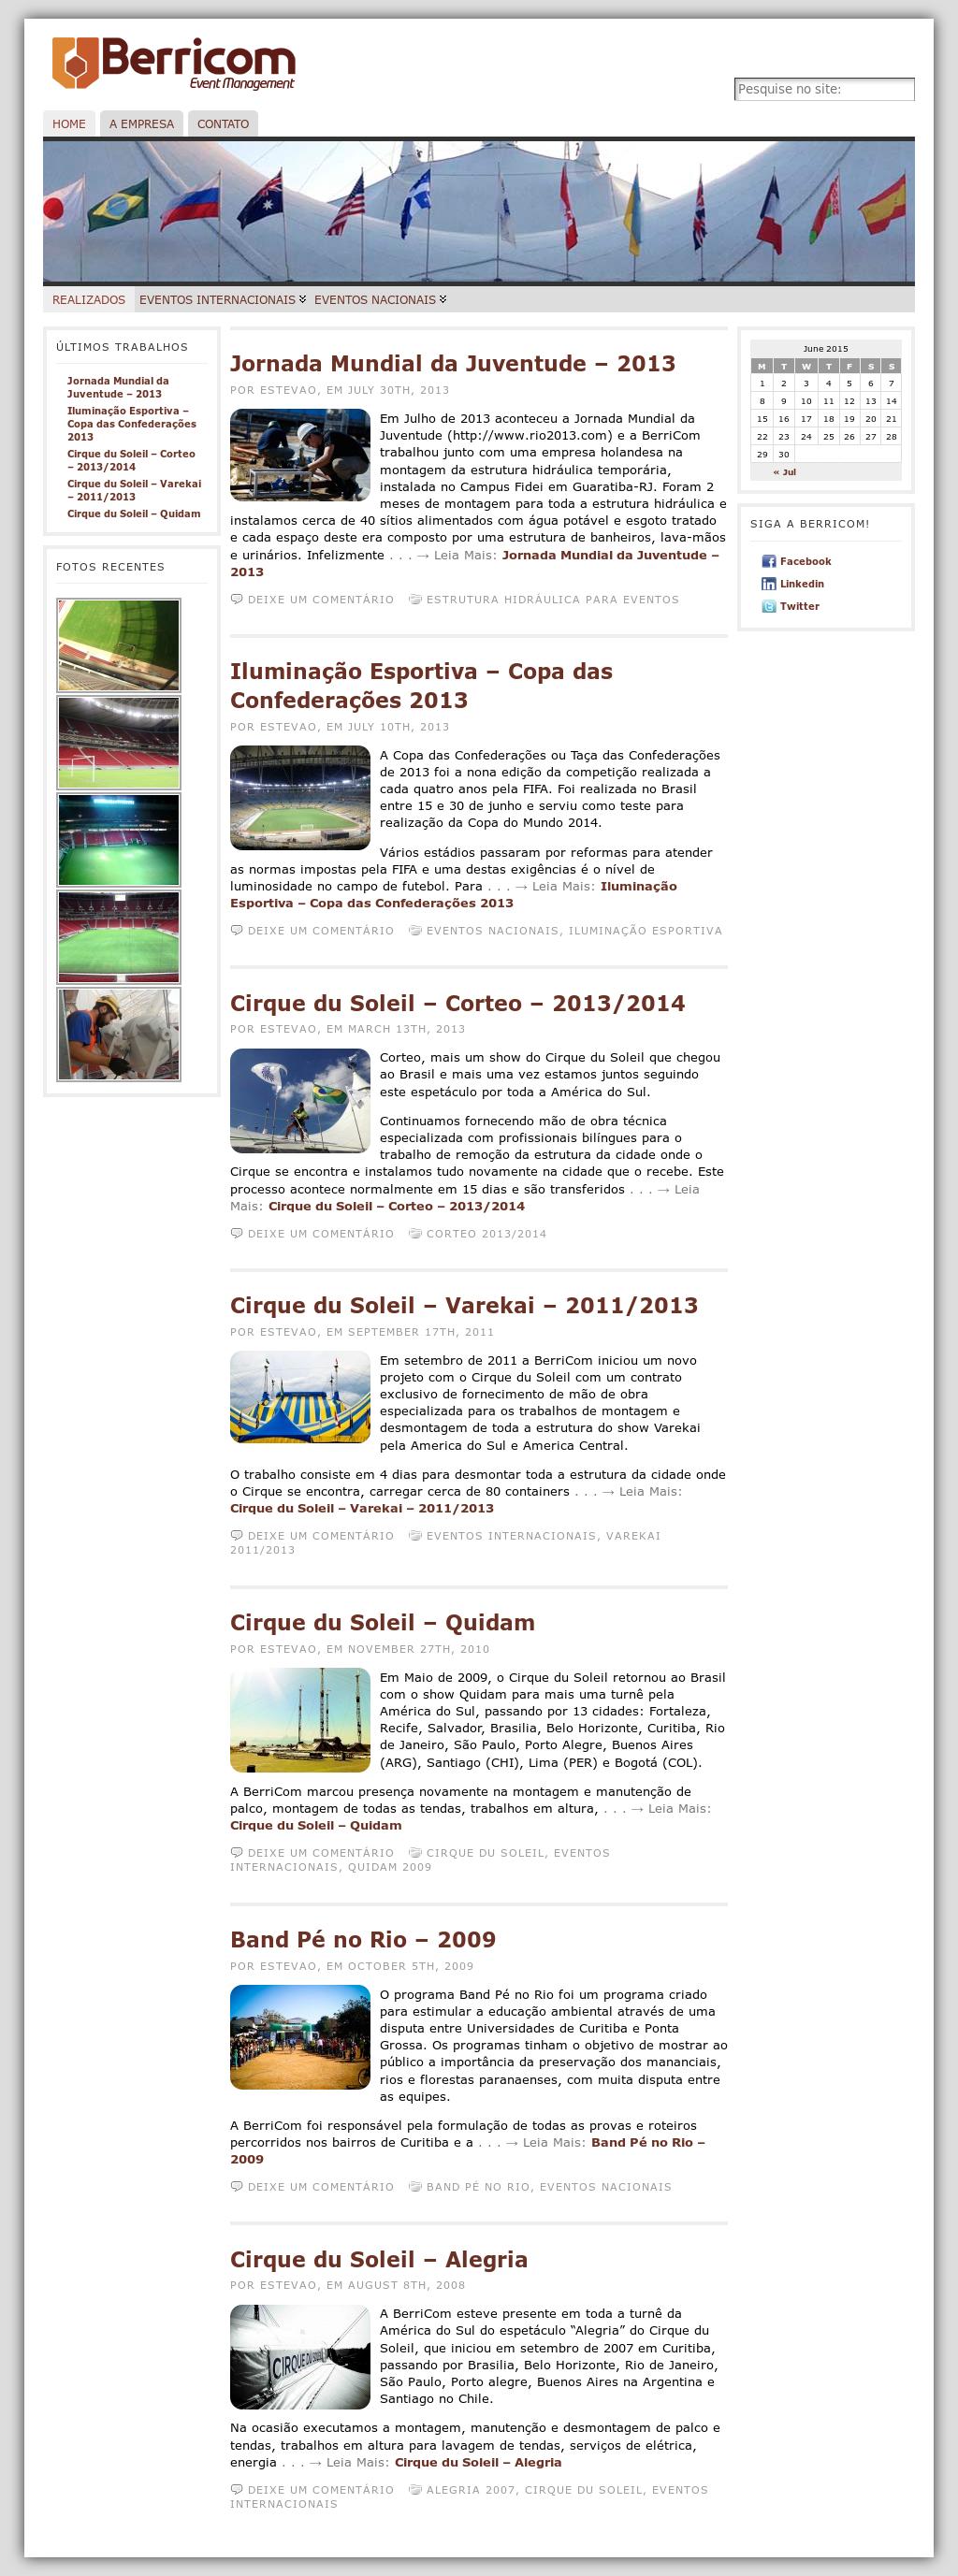 psicosoft 2007 gratis